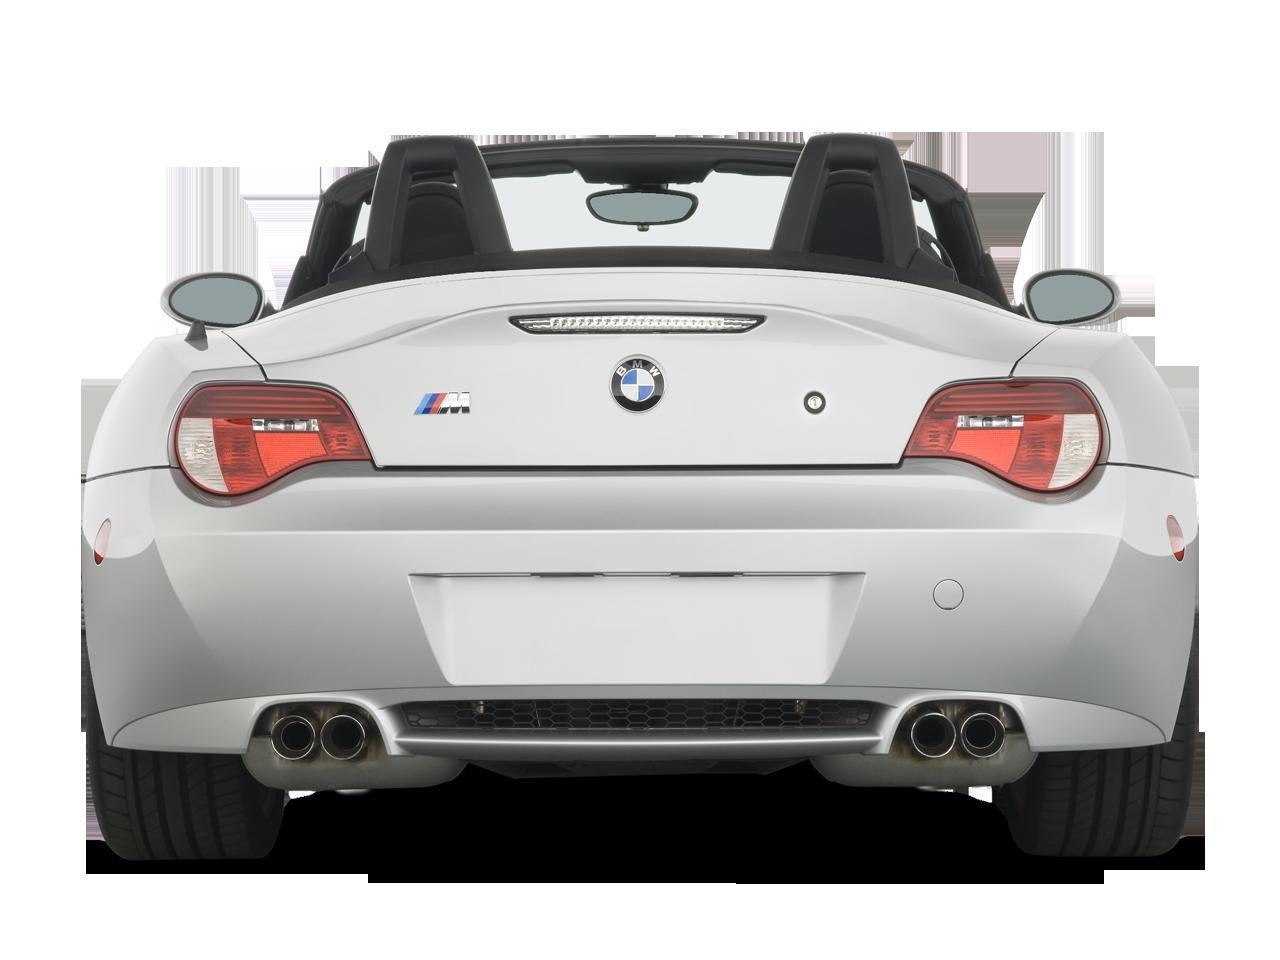 Bmw Z4 Coupe Review Uk Wroc Awski Informator Internetowy